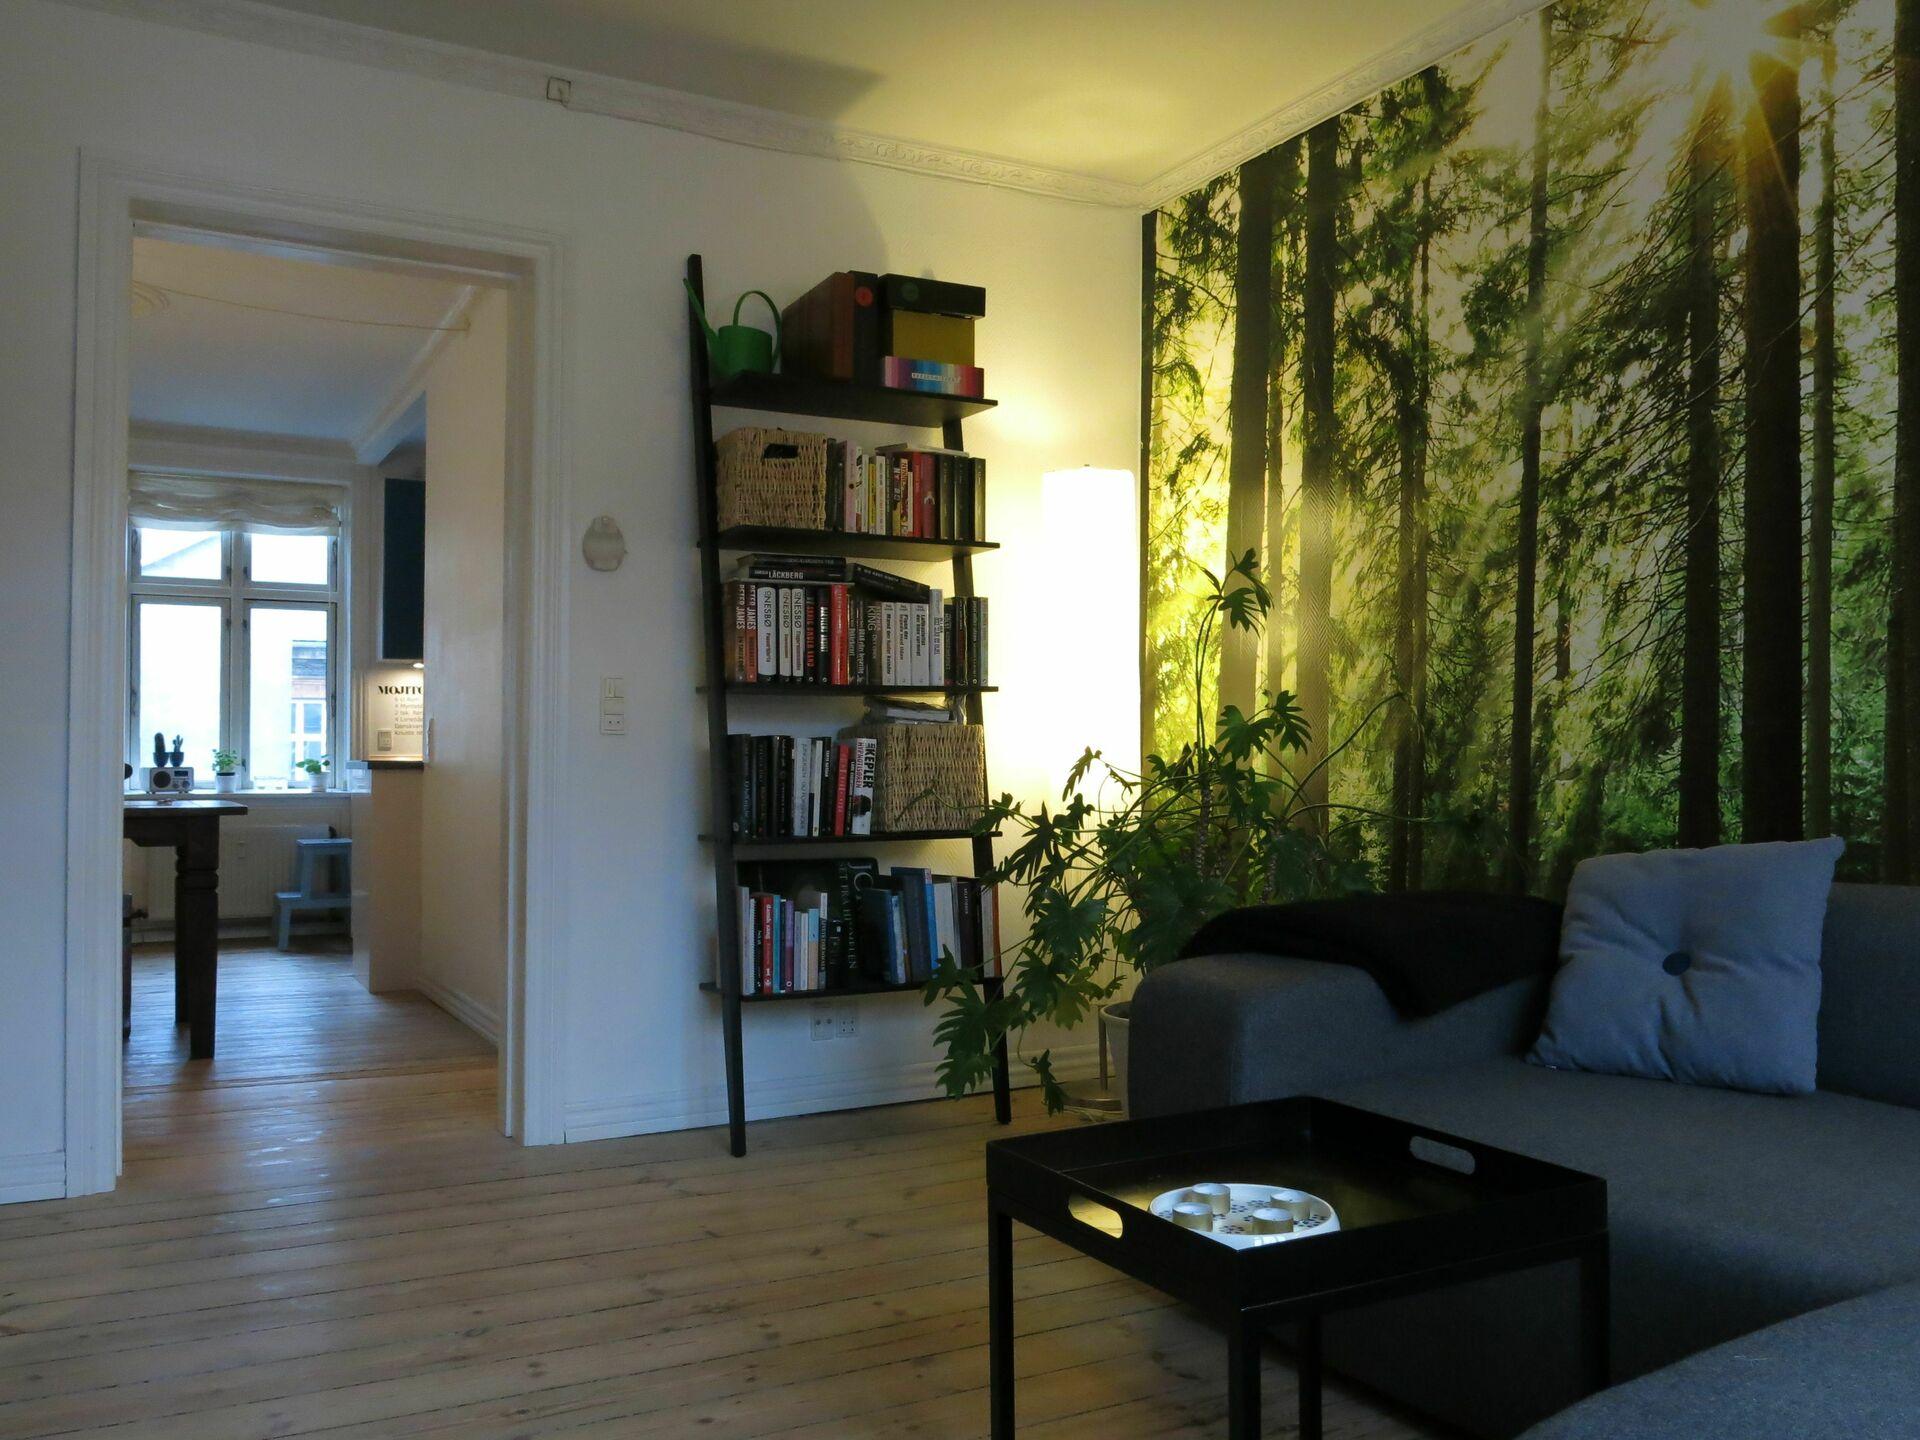 Kopenhagen Wohnung fiskedamsgade 2 levels wohnung in kopenhagen